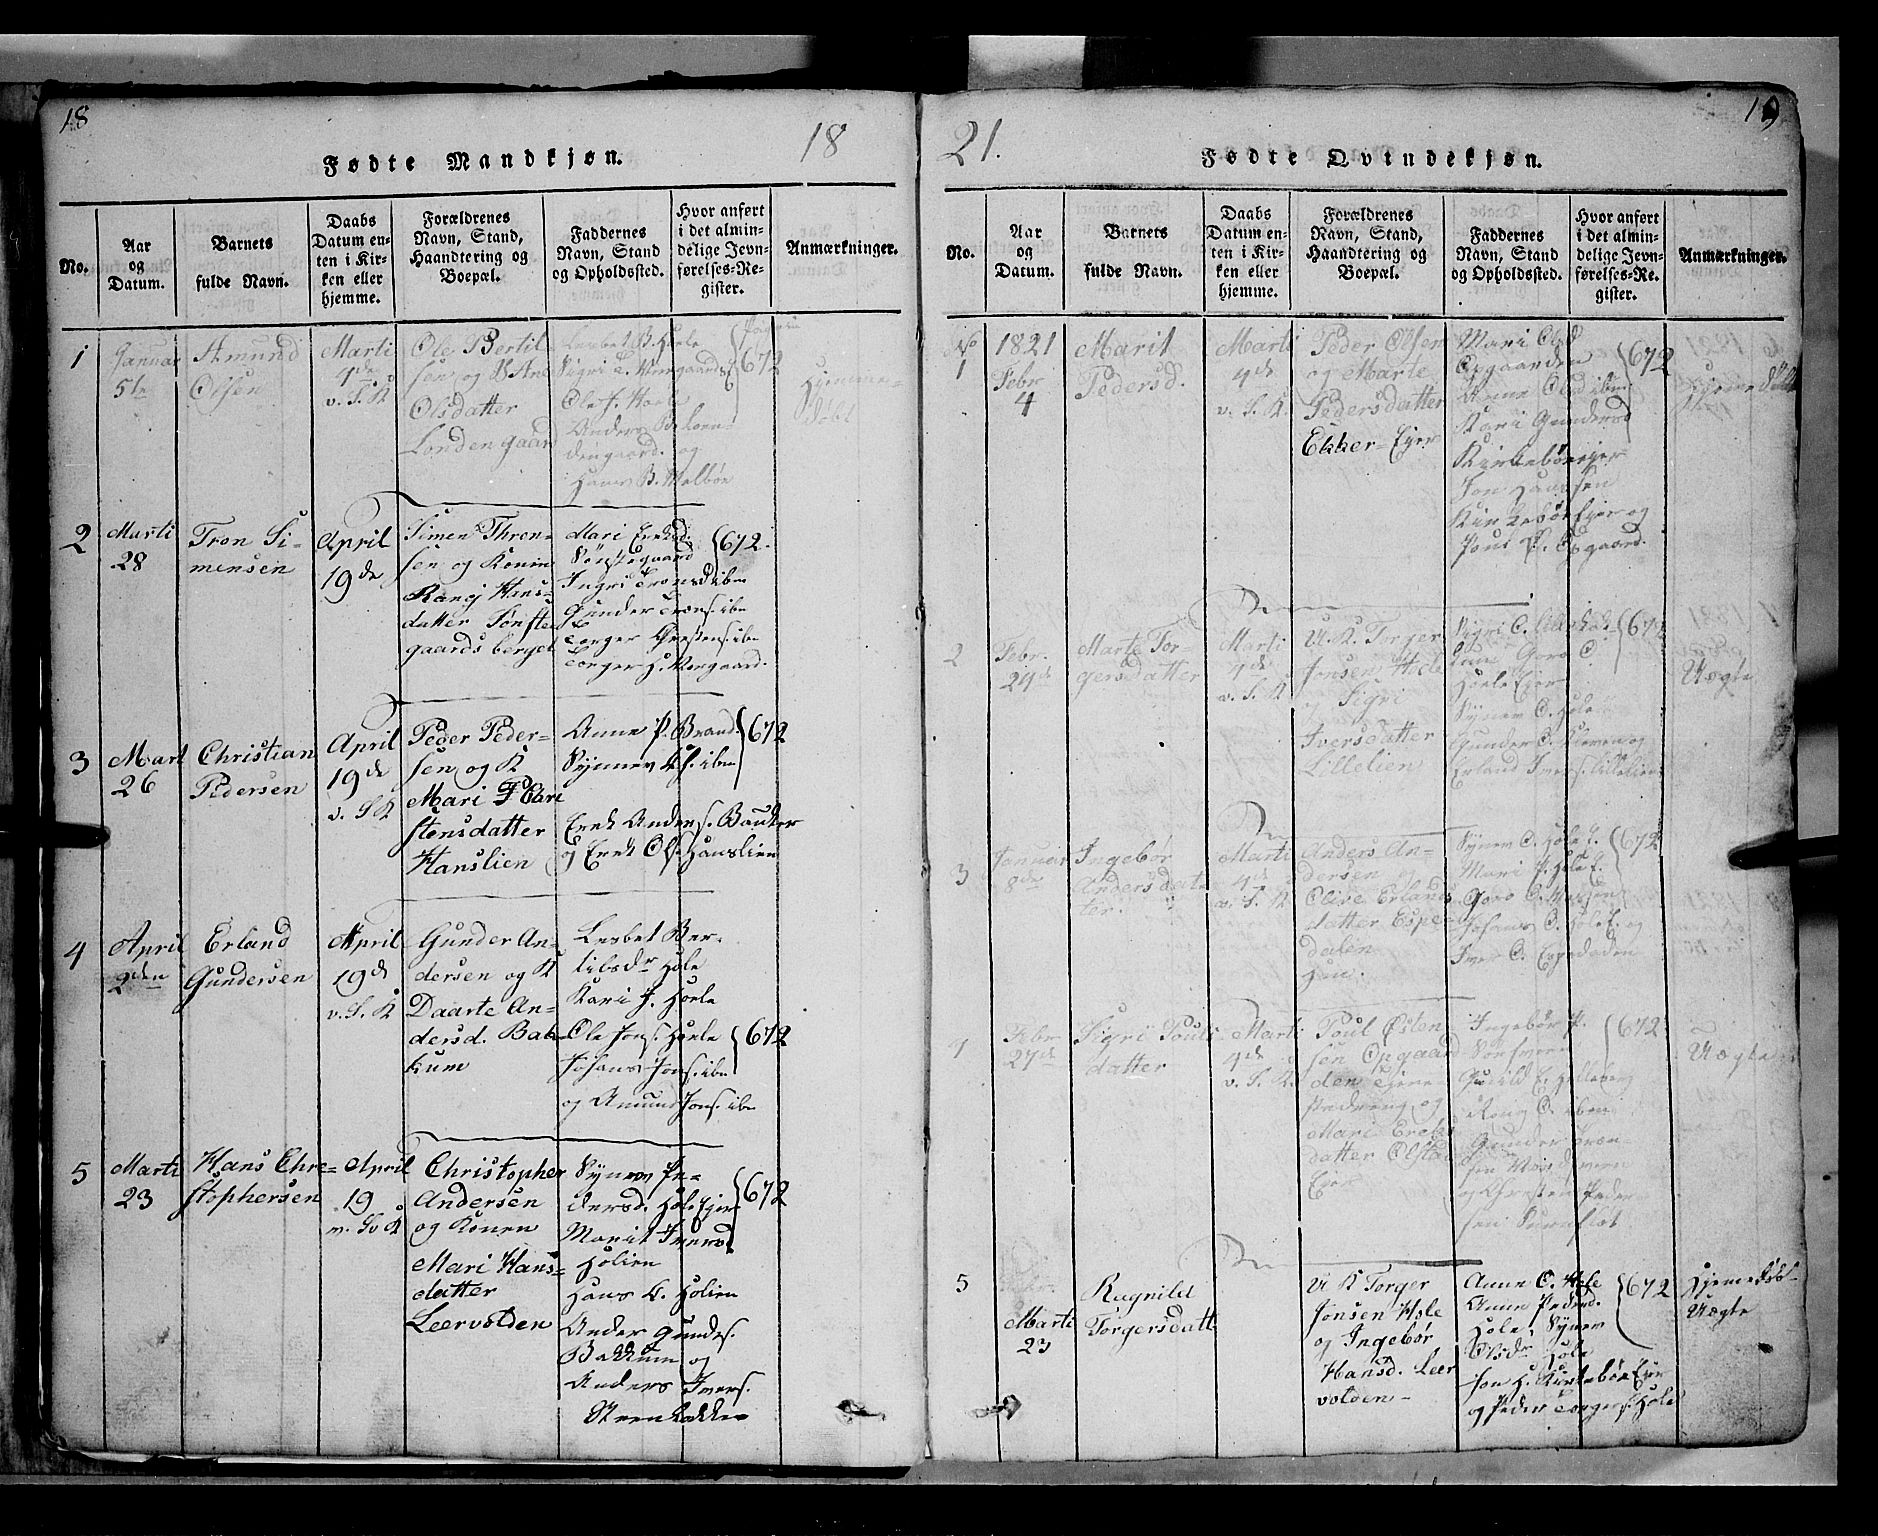 SAH, Gausdal prestekontor, Klokkerbok nr. 2, 1818-1874, s. 18-19